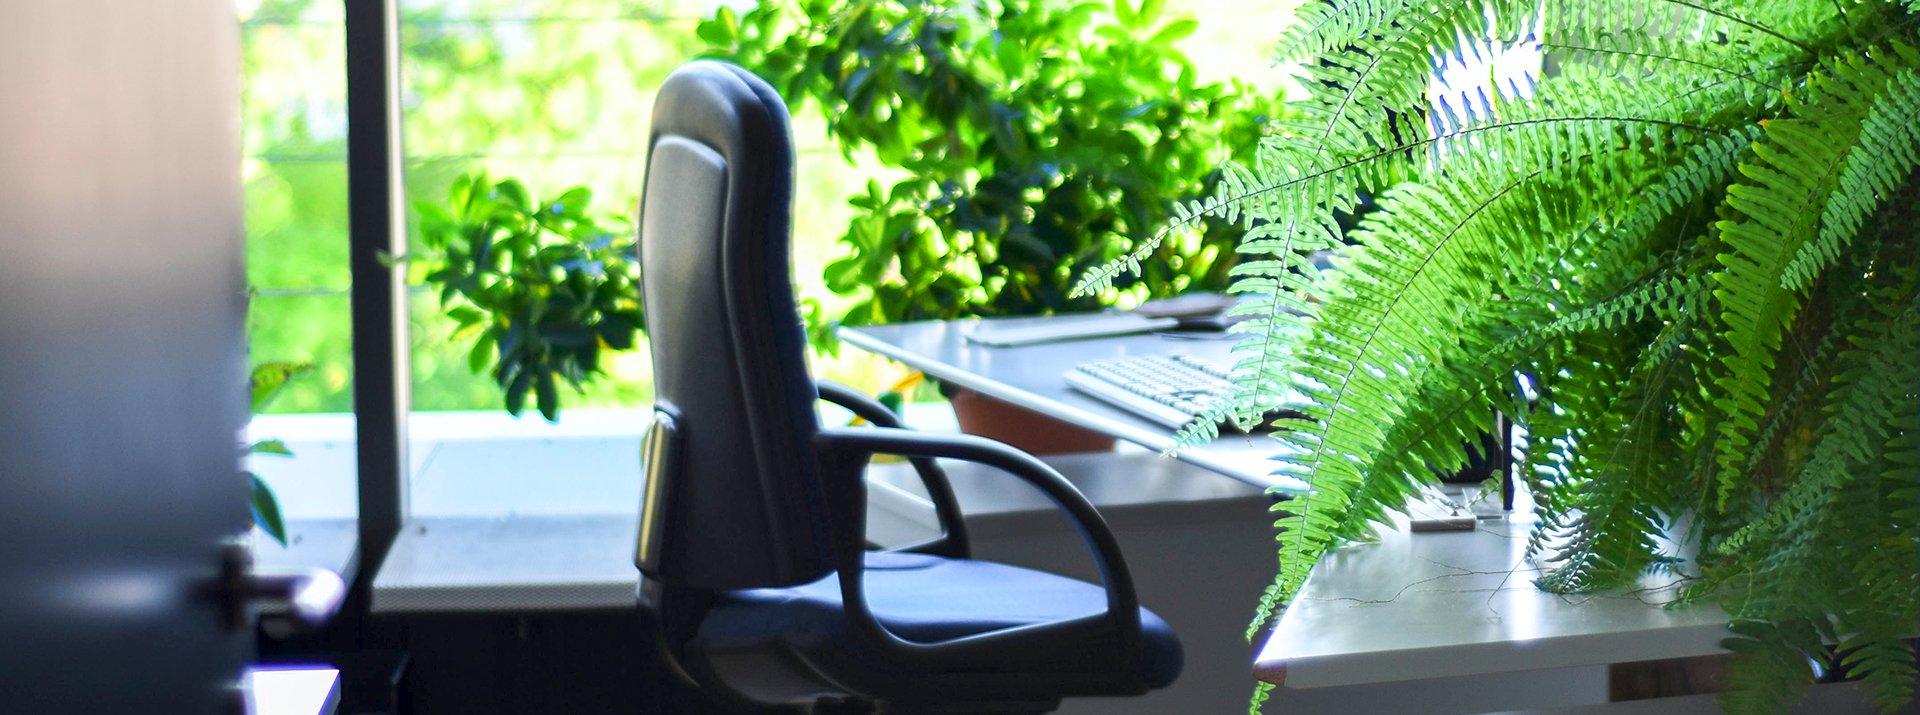 Office plants on desktops